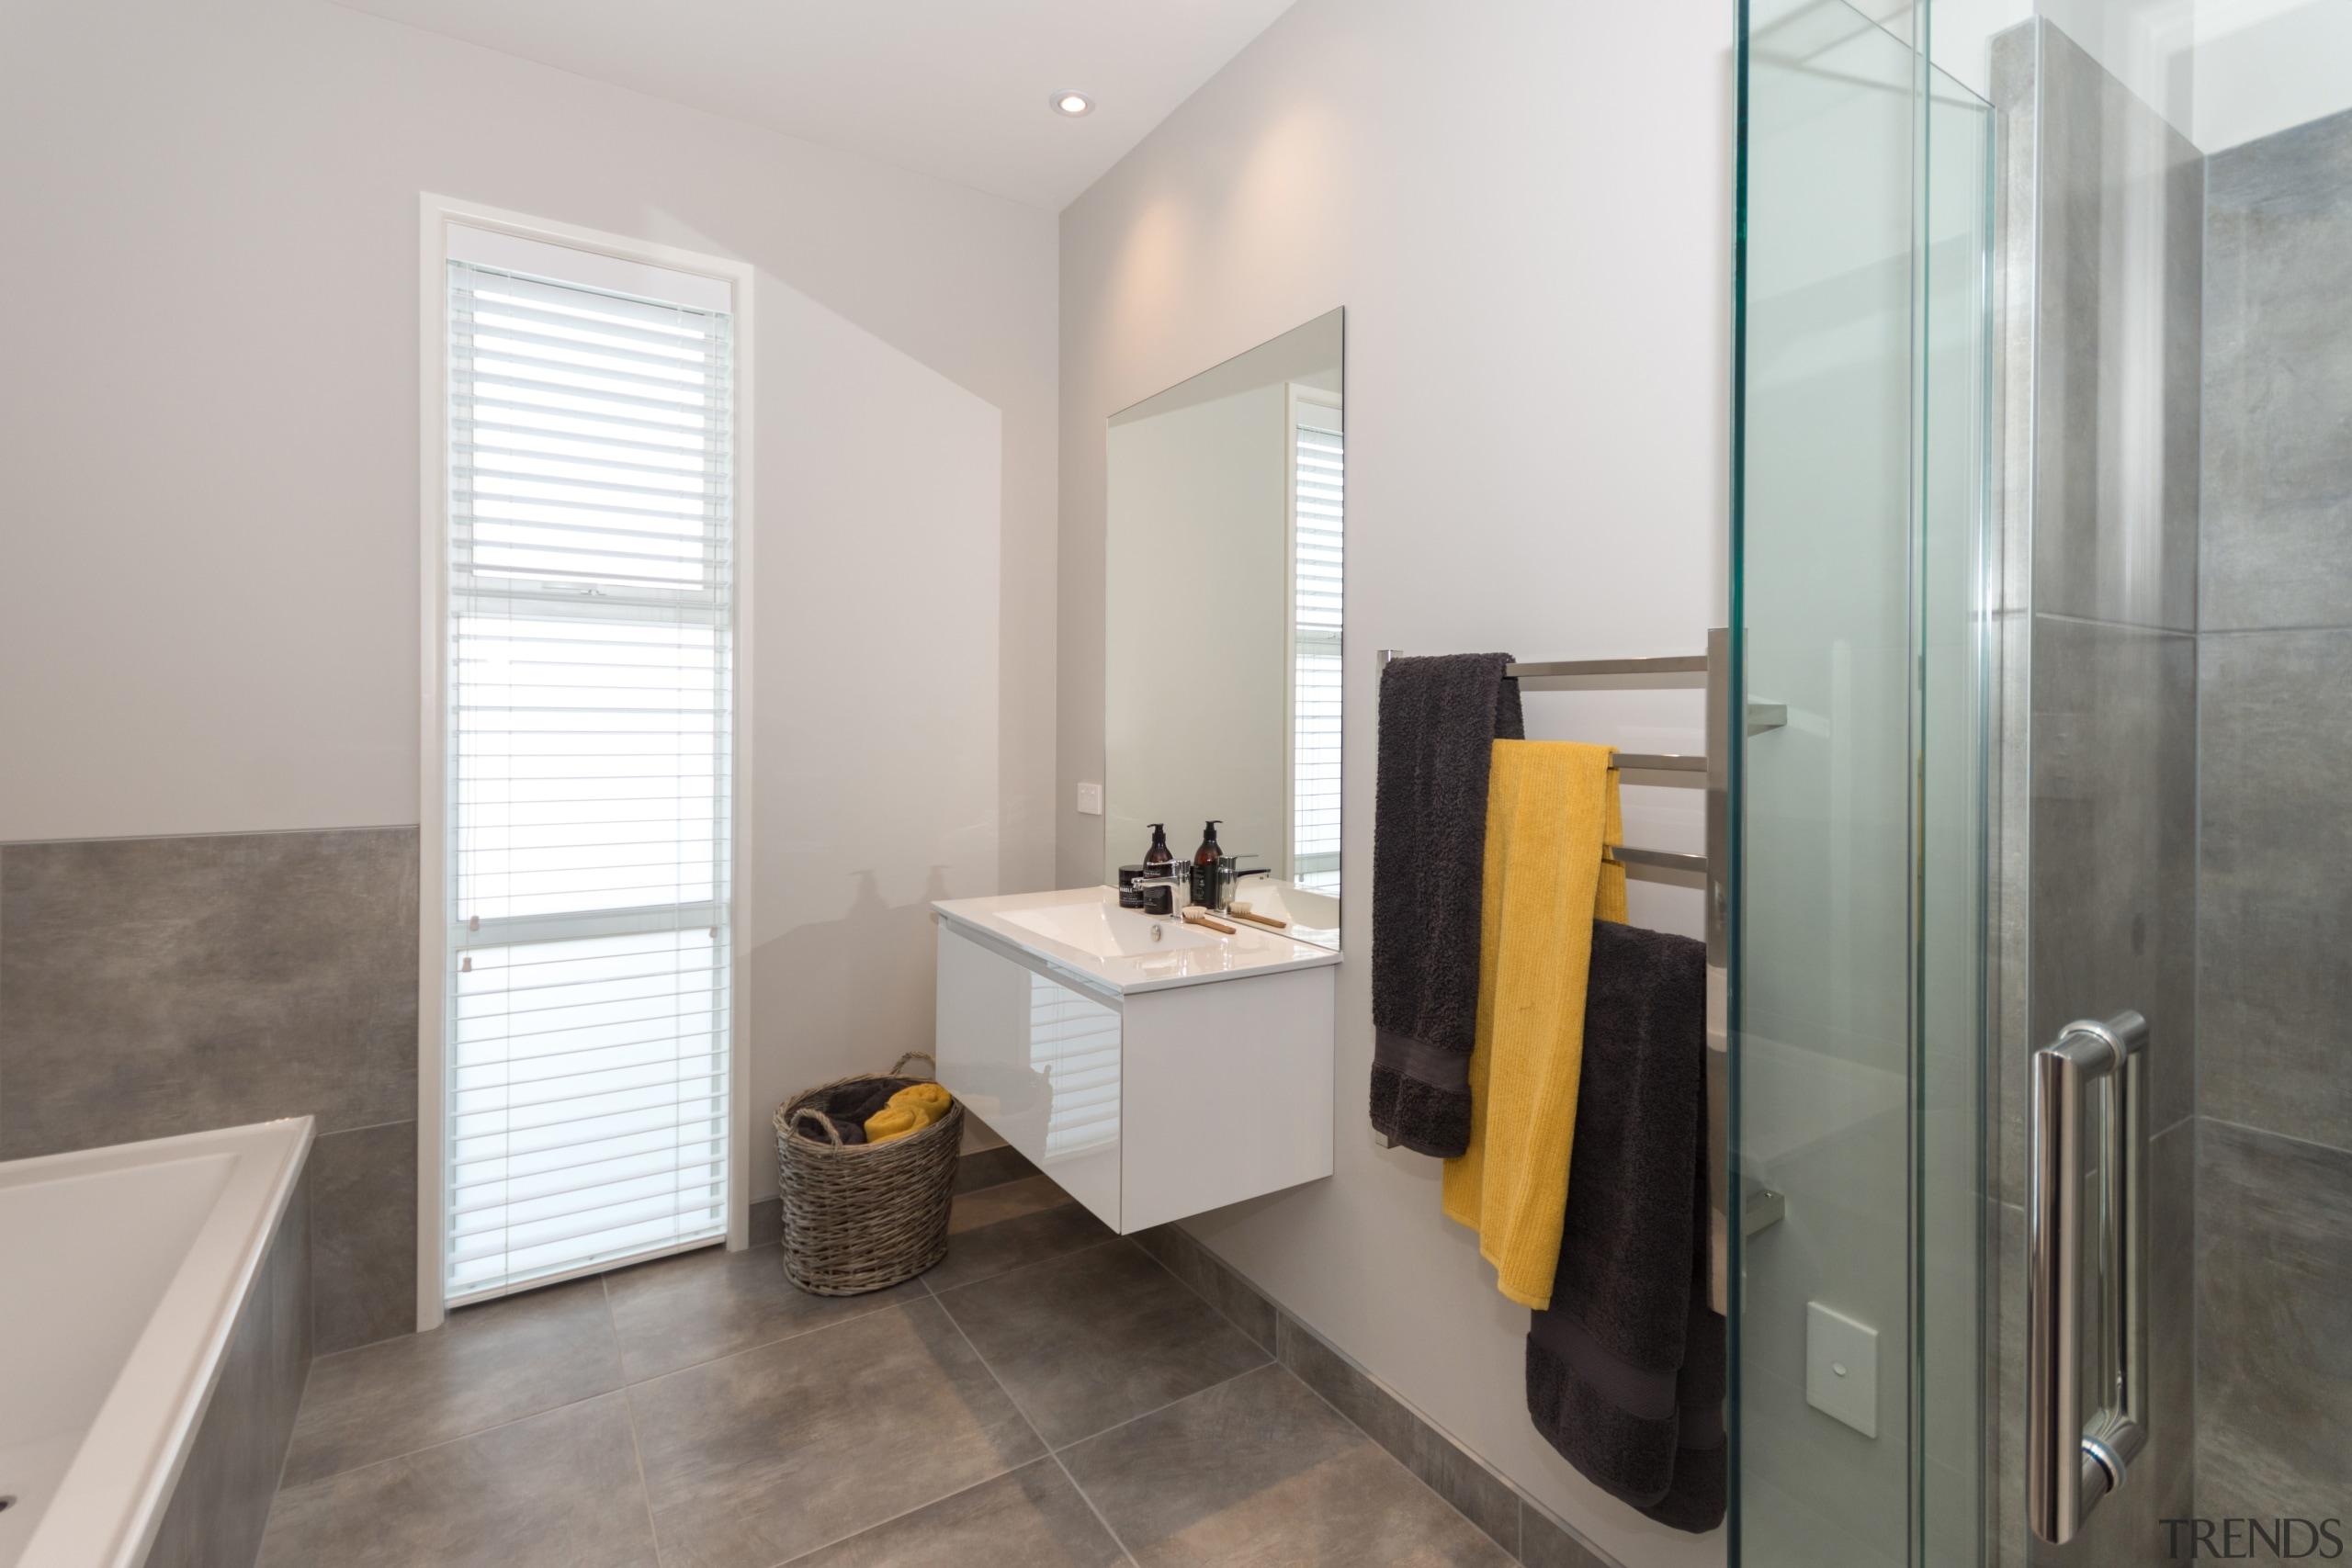 This family bathroom has a vanity with a bathroom, bathroom accessory, bathroom cabinet, floor, interior design, real estate, room, gray